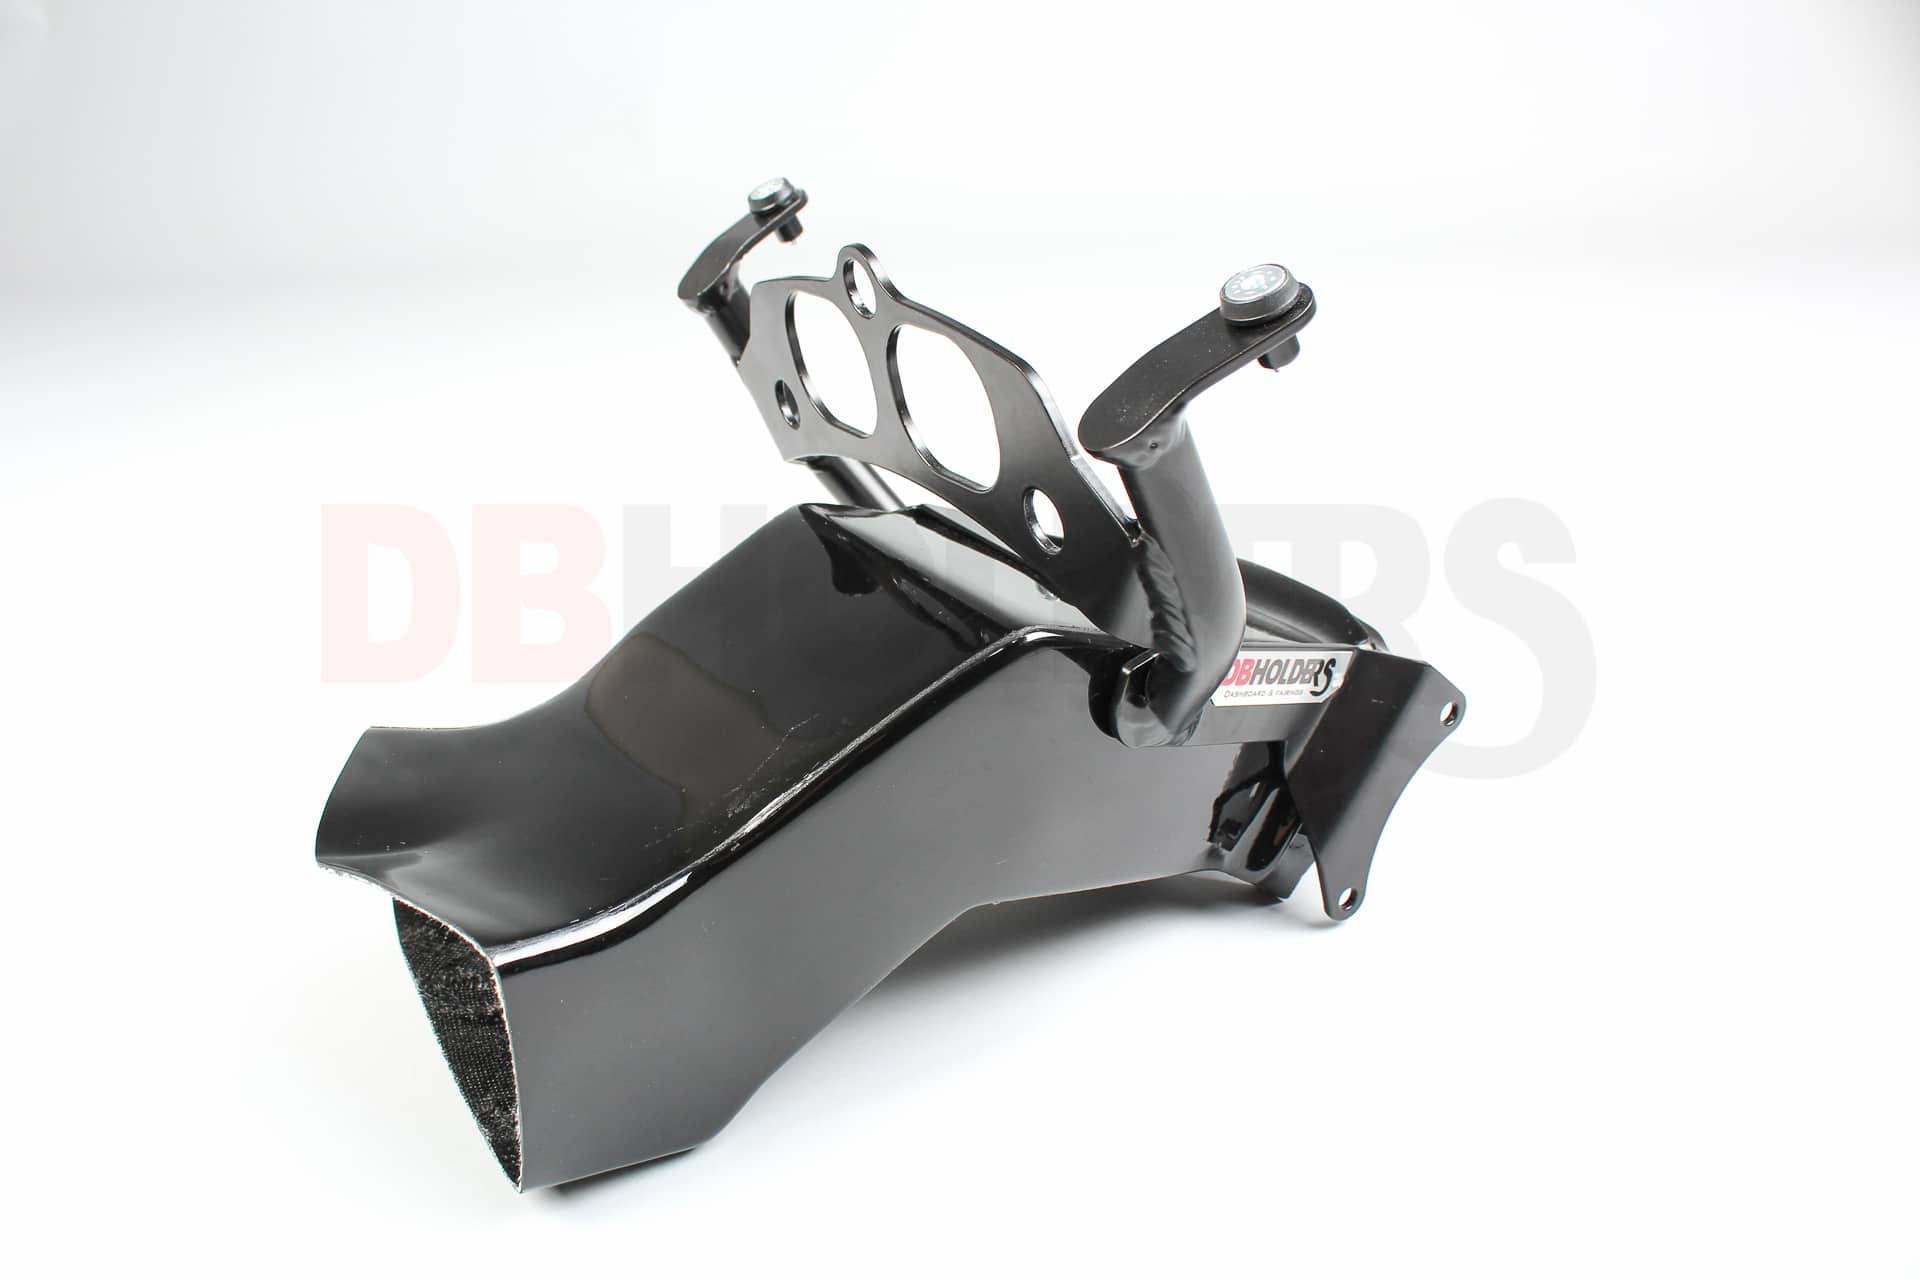 Yamaha R1 2015 Fairing Bracket